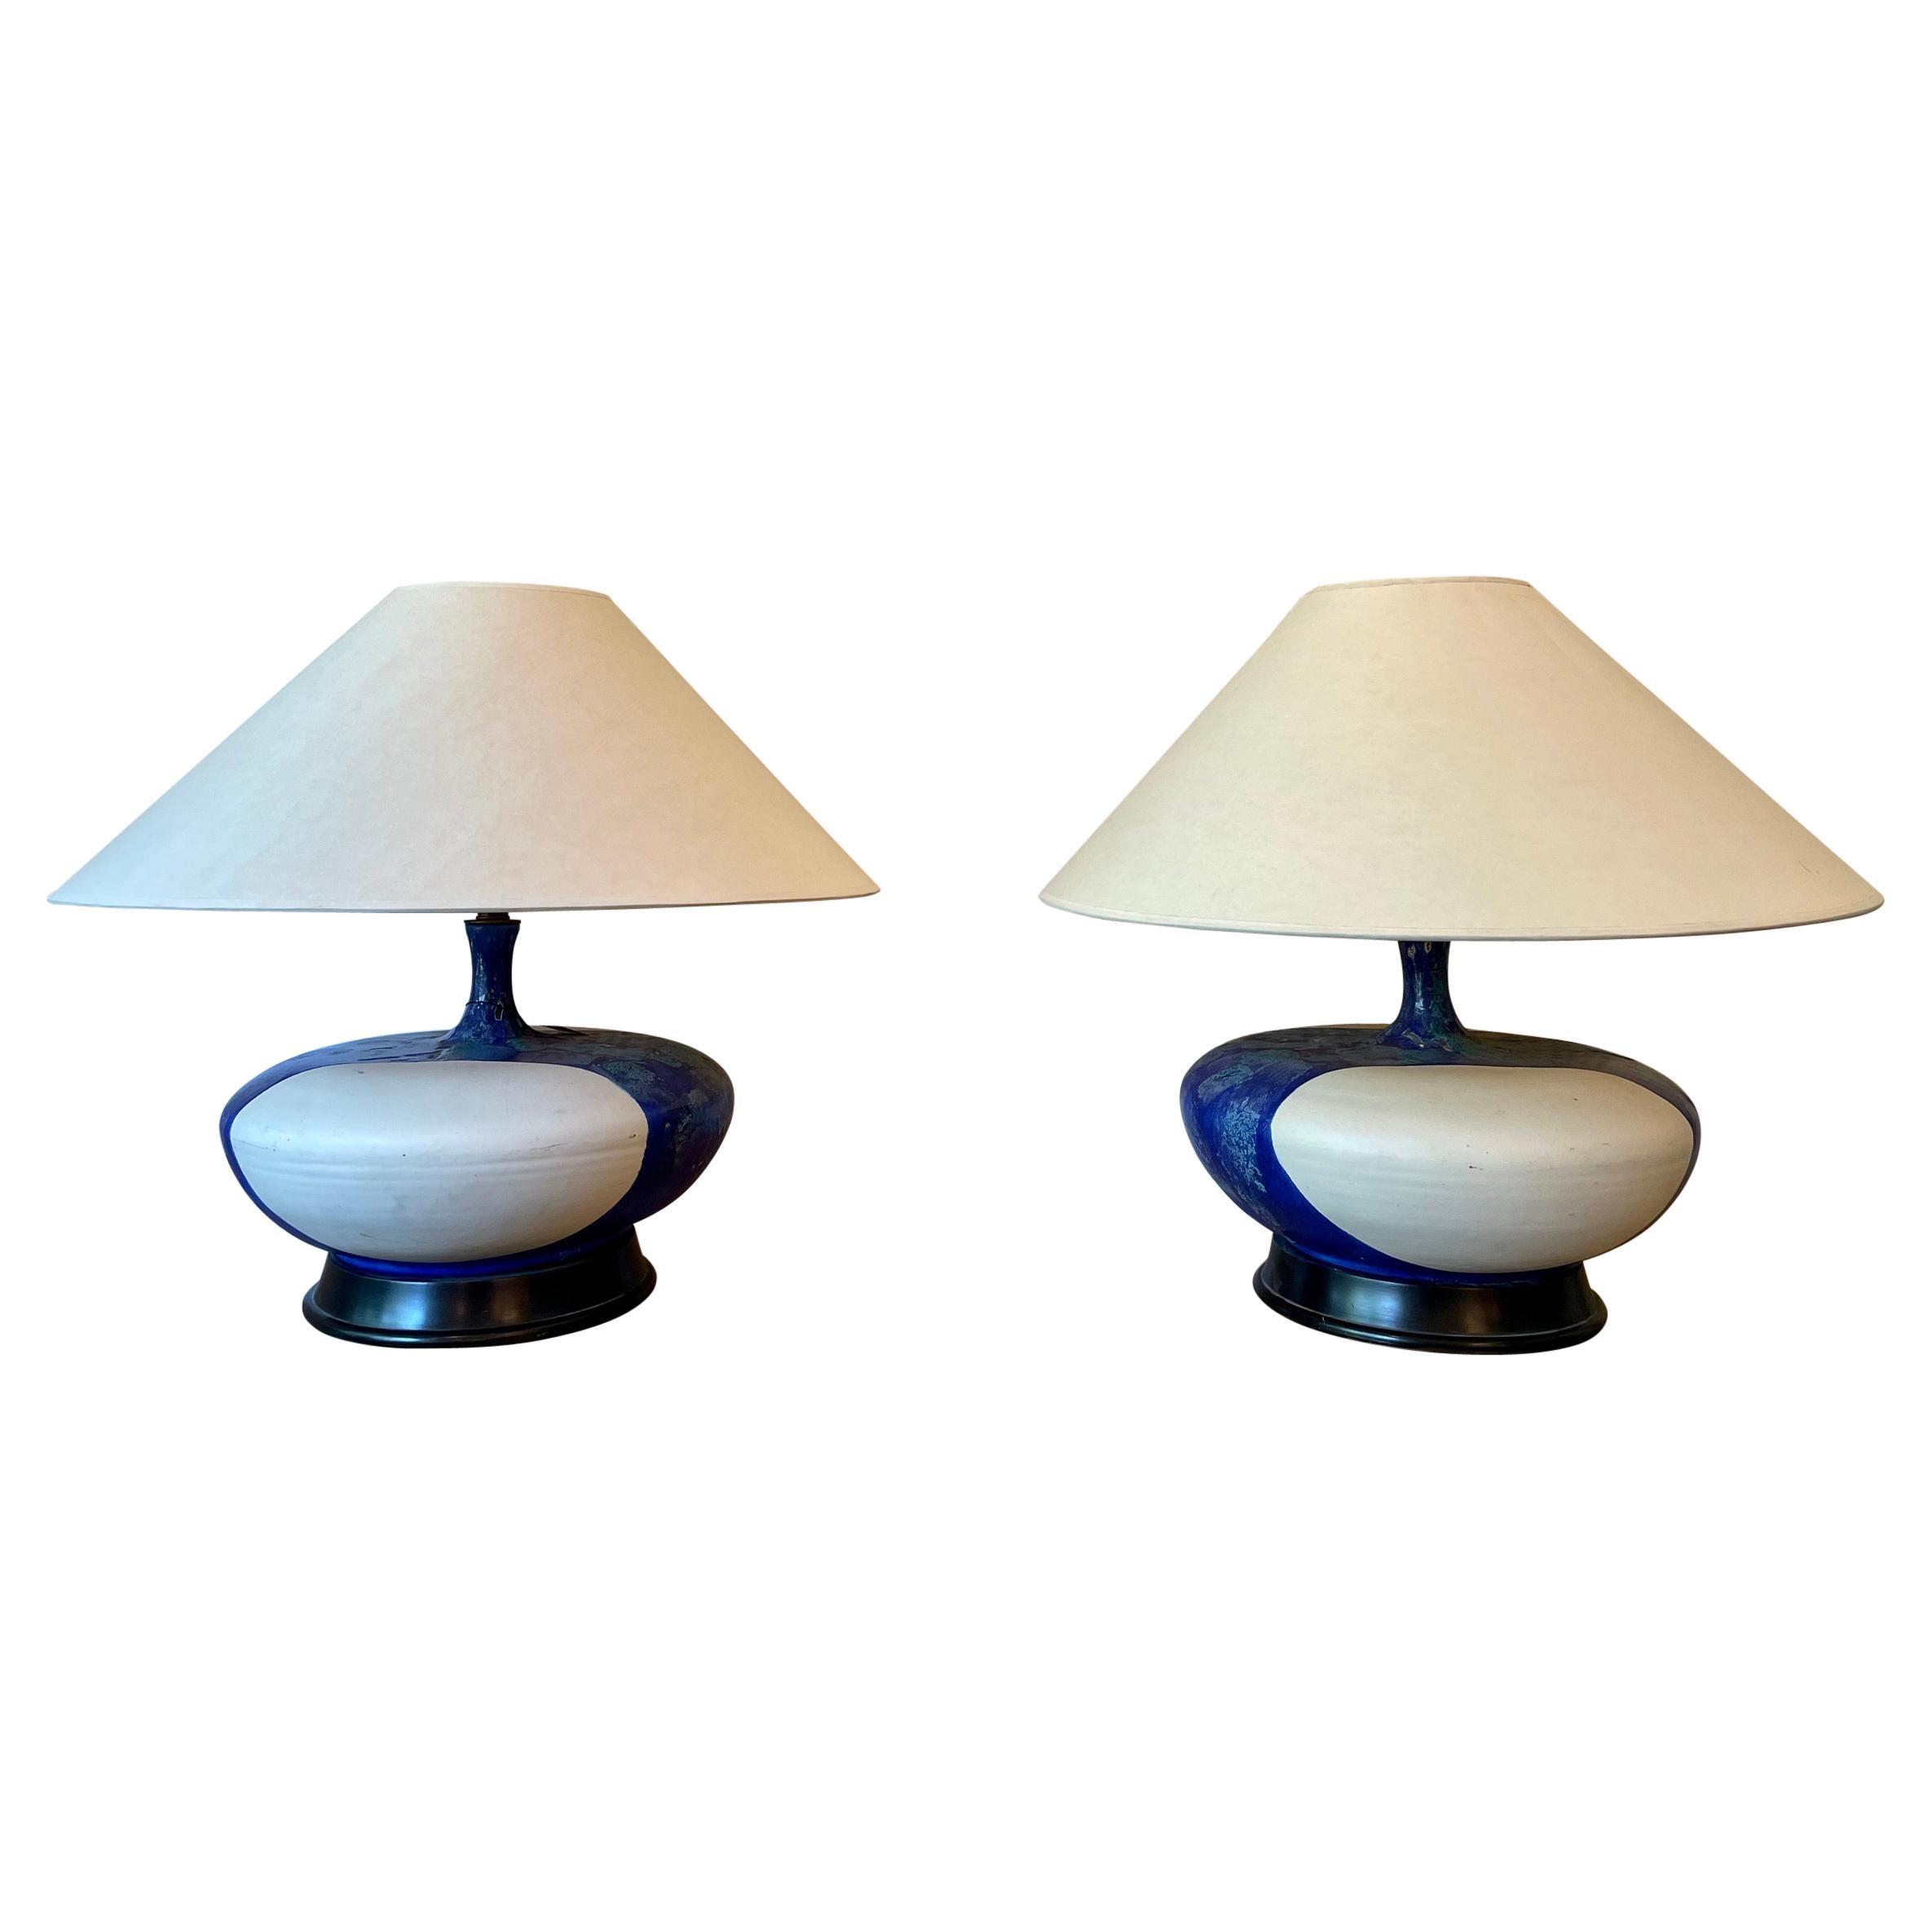 Huge Pair of Volcanic Lava Ceramic Lamp, 1960's